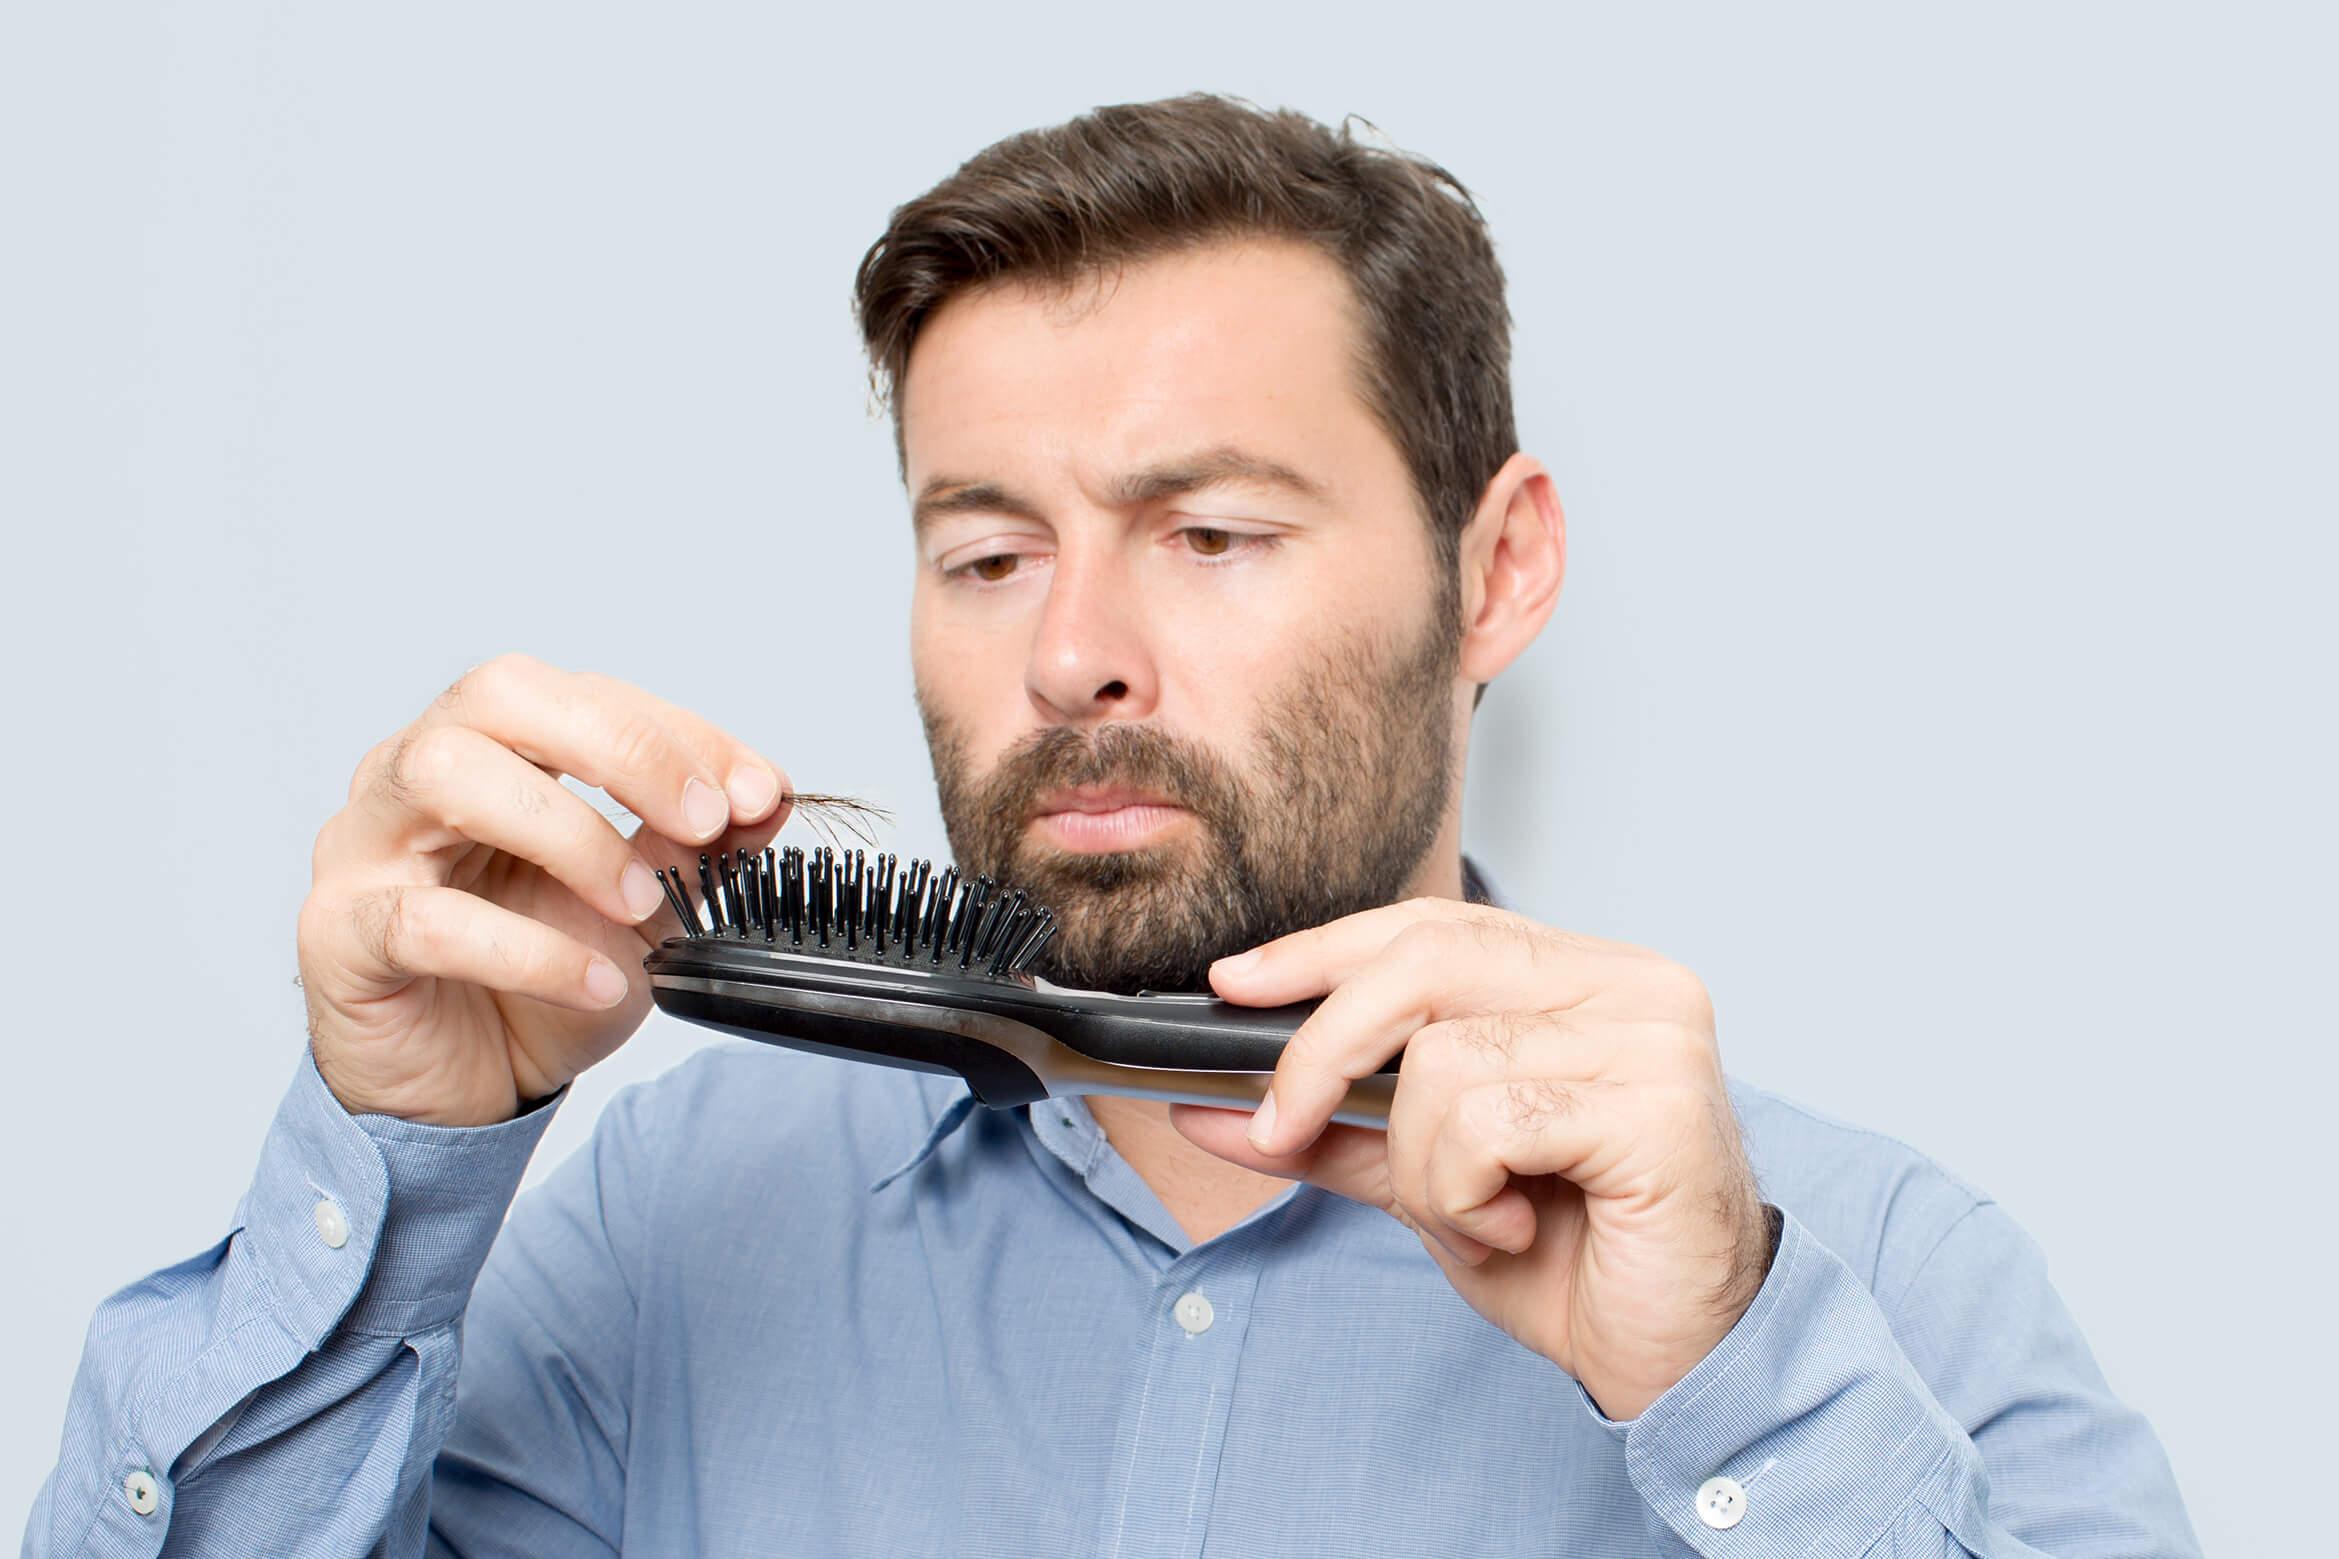 A man inspecting hair left on a hair brush